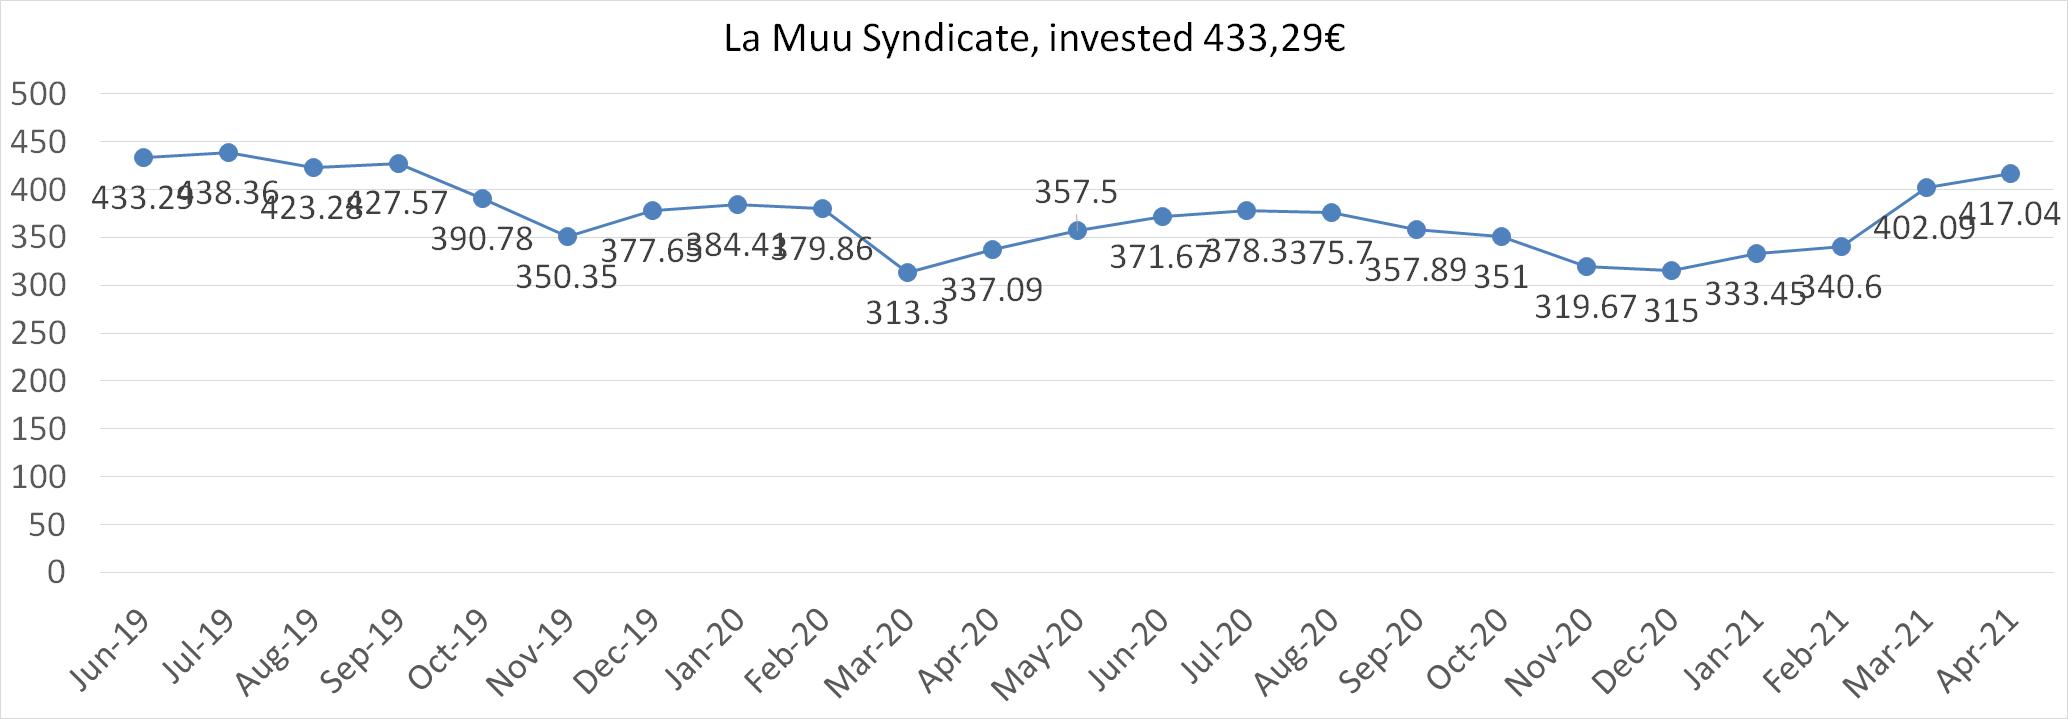 La Muu syndicate worth april 2021